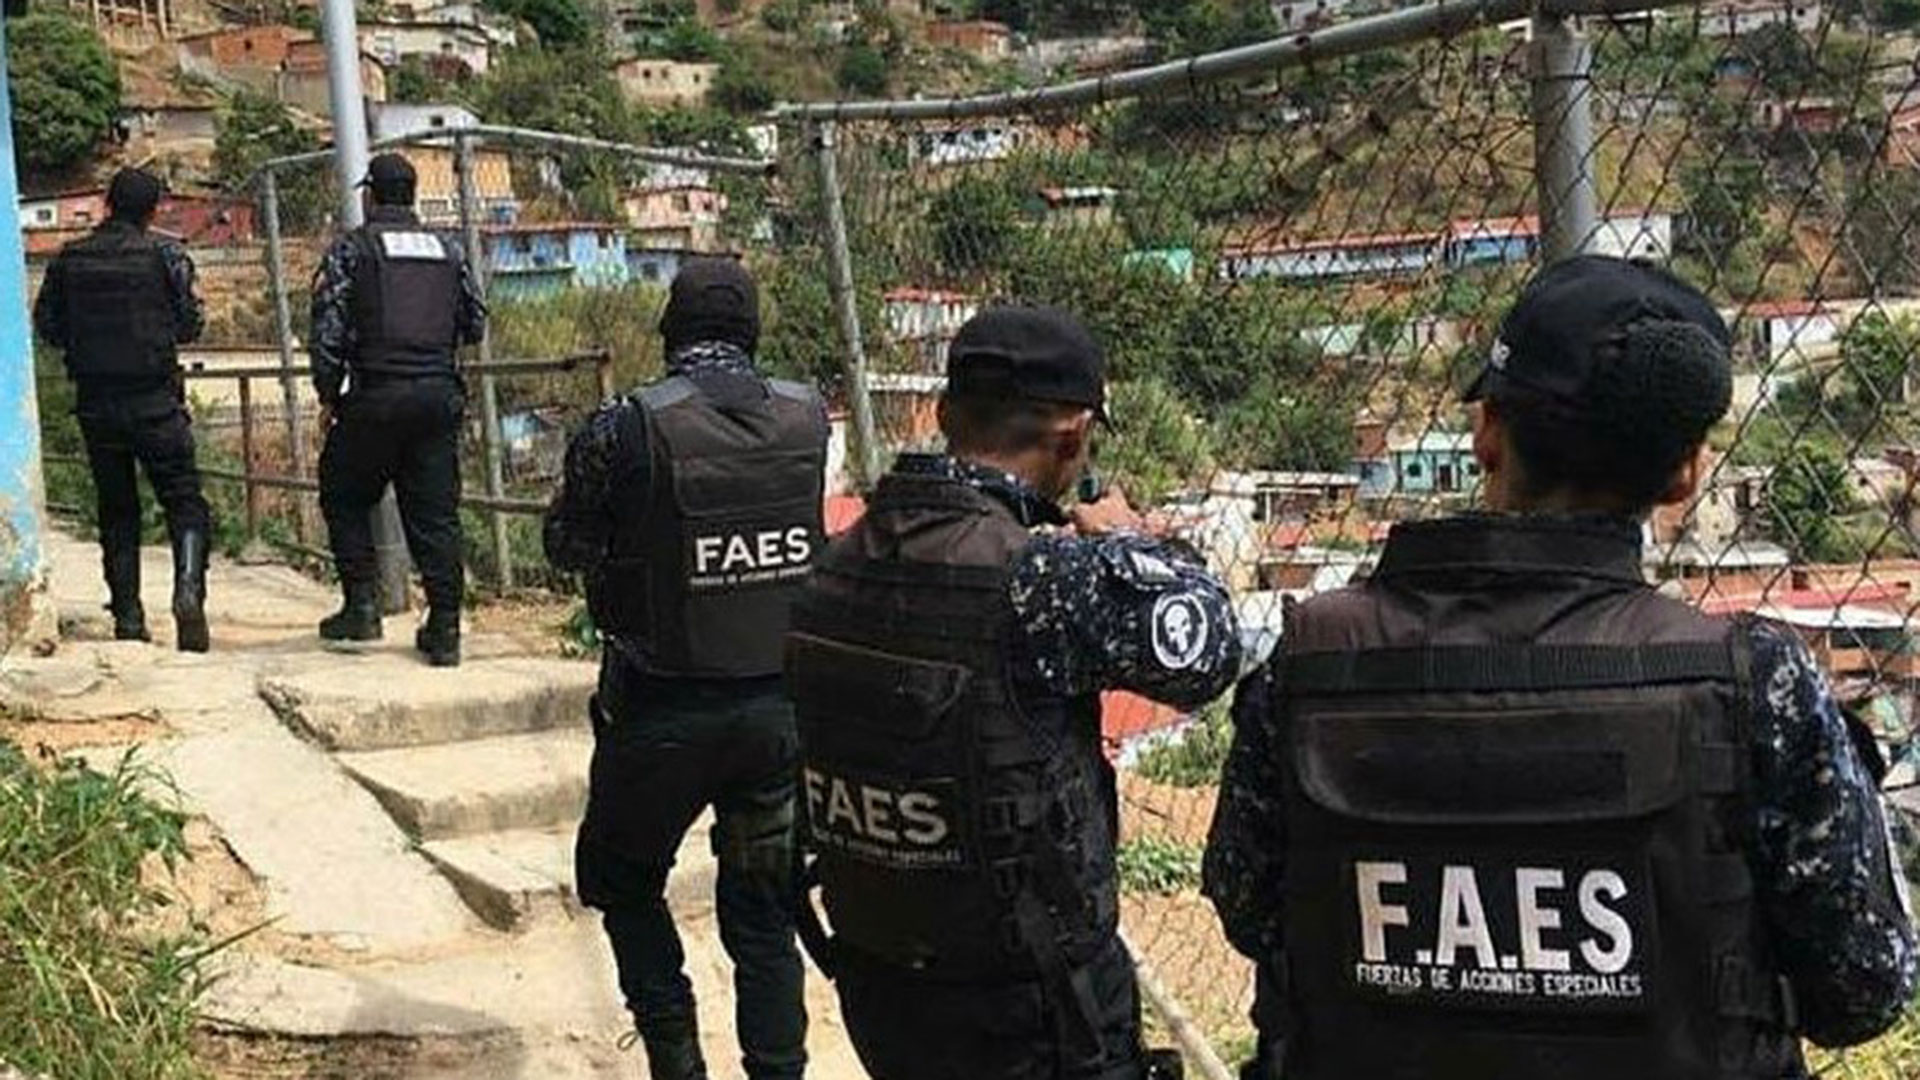 ejecuciones extrajudiciales registradas en Caracas